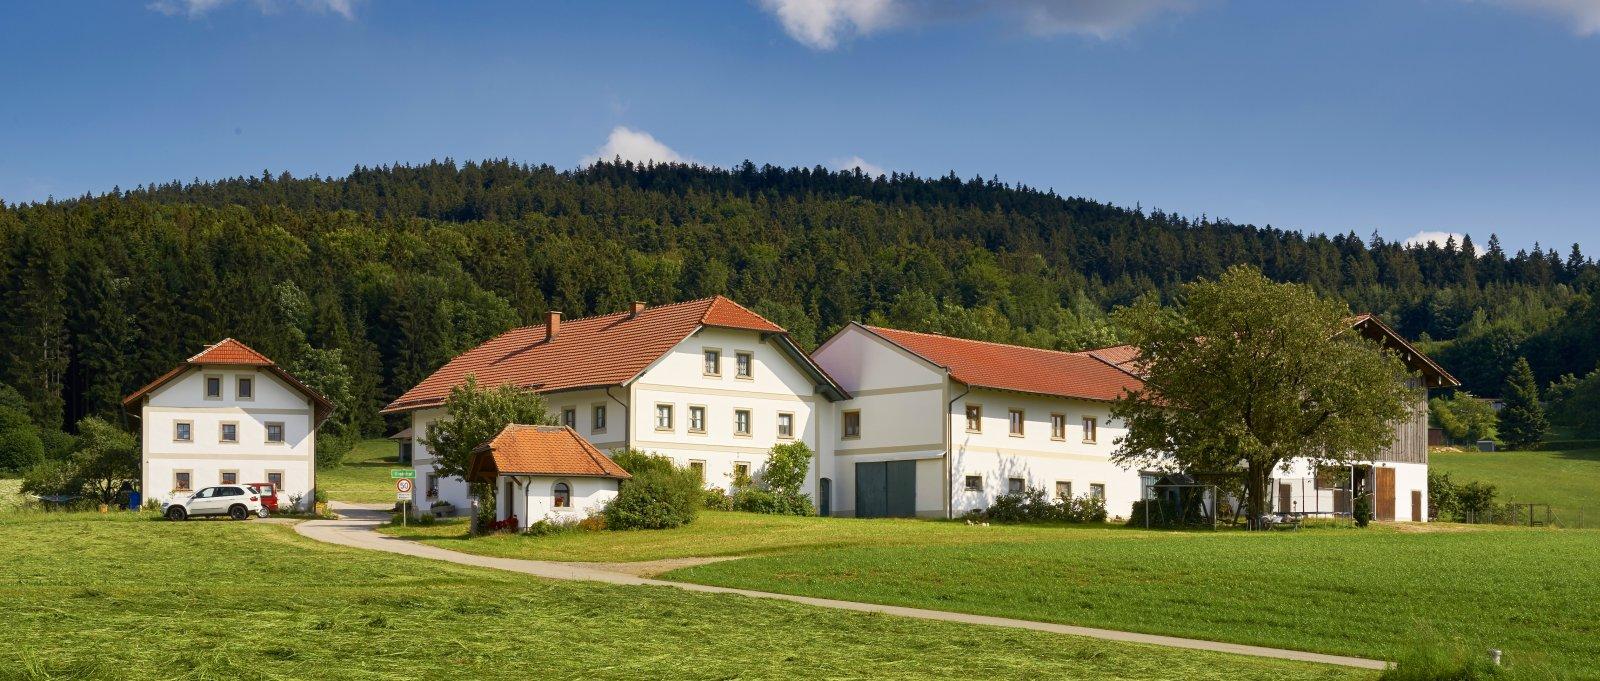 Bauernhof Breinhof in Waldkirchen – Kontakt